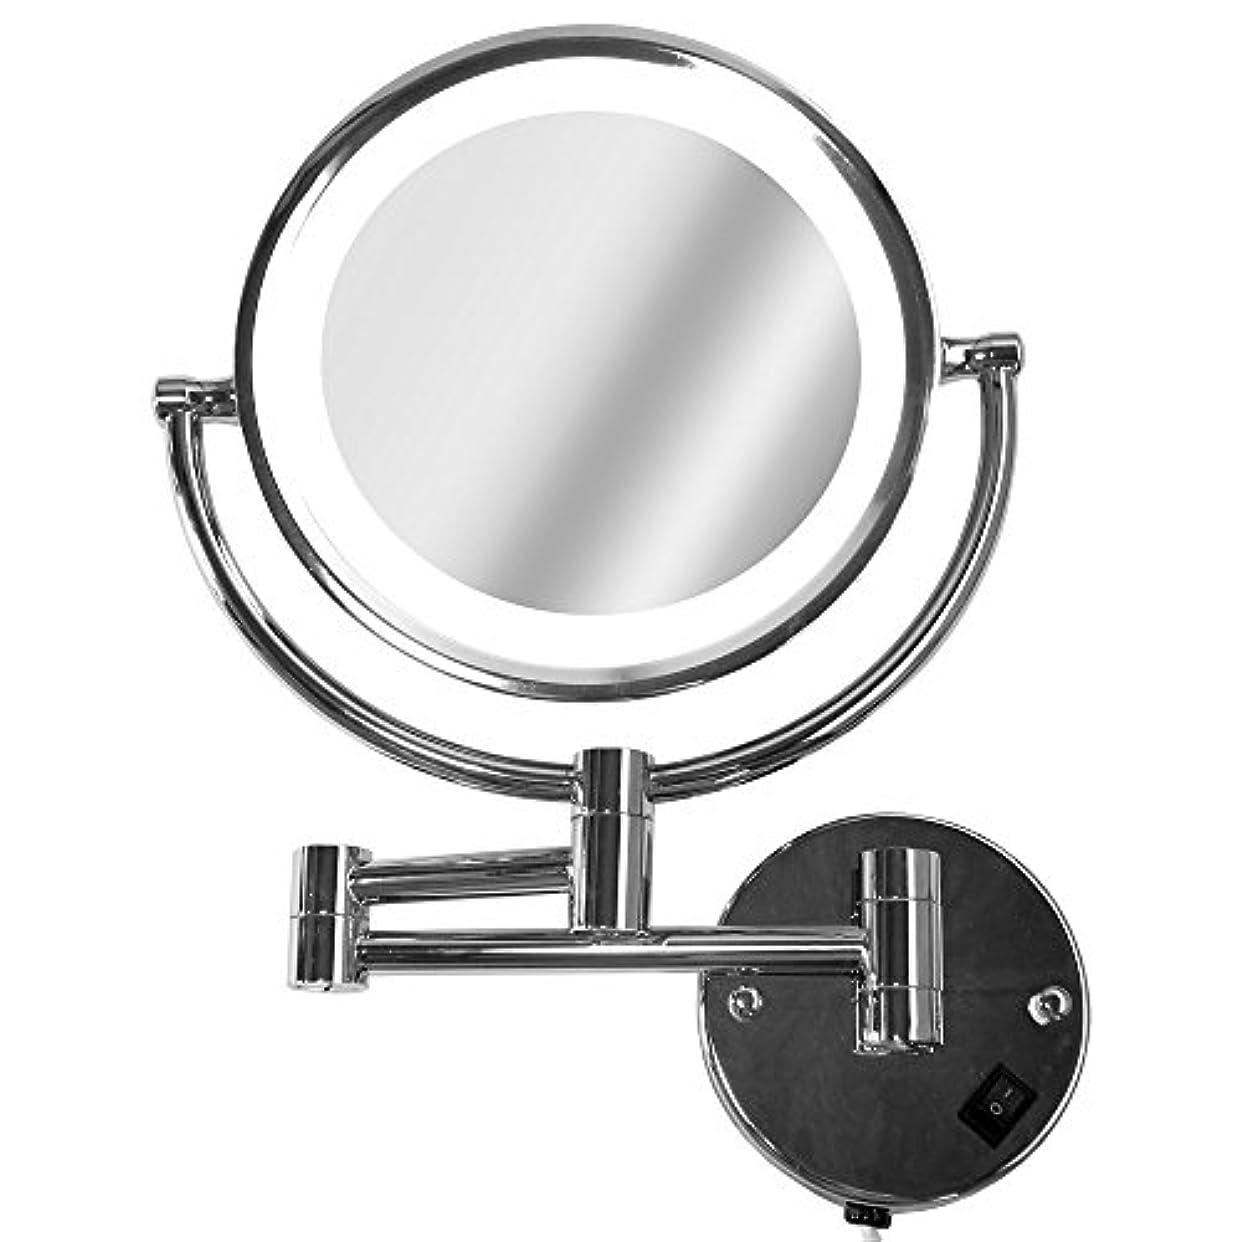 リーズ天国ローンLa Curie アームミラー 壁付けミラー 拡大鏡 折りたたみホテルミラー LEDライト付 5倍 LaCurie014